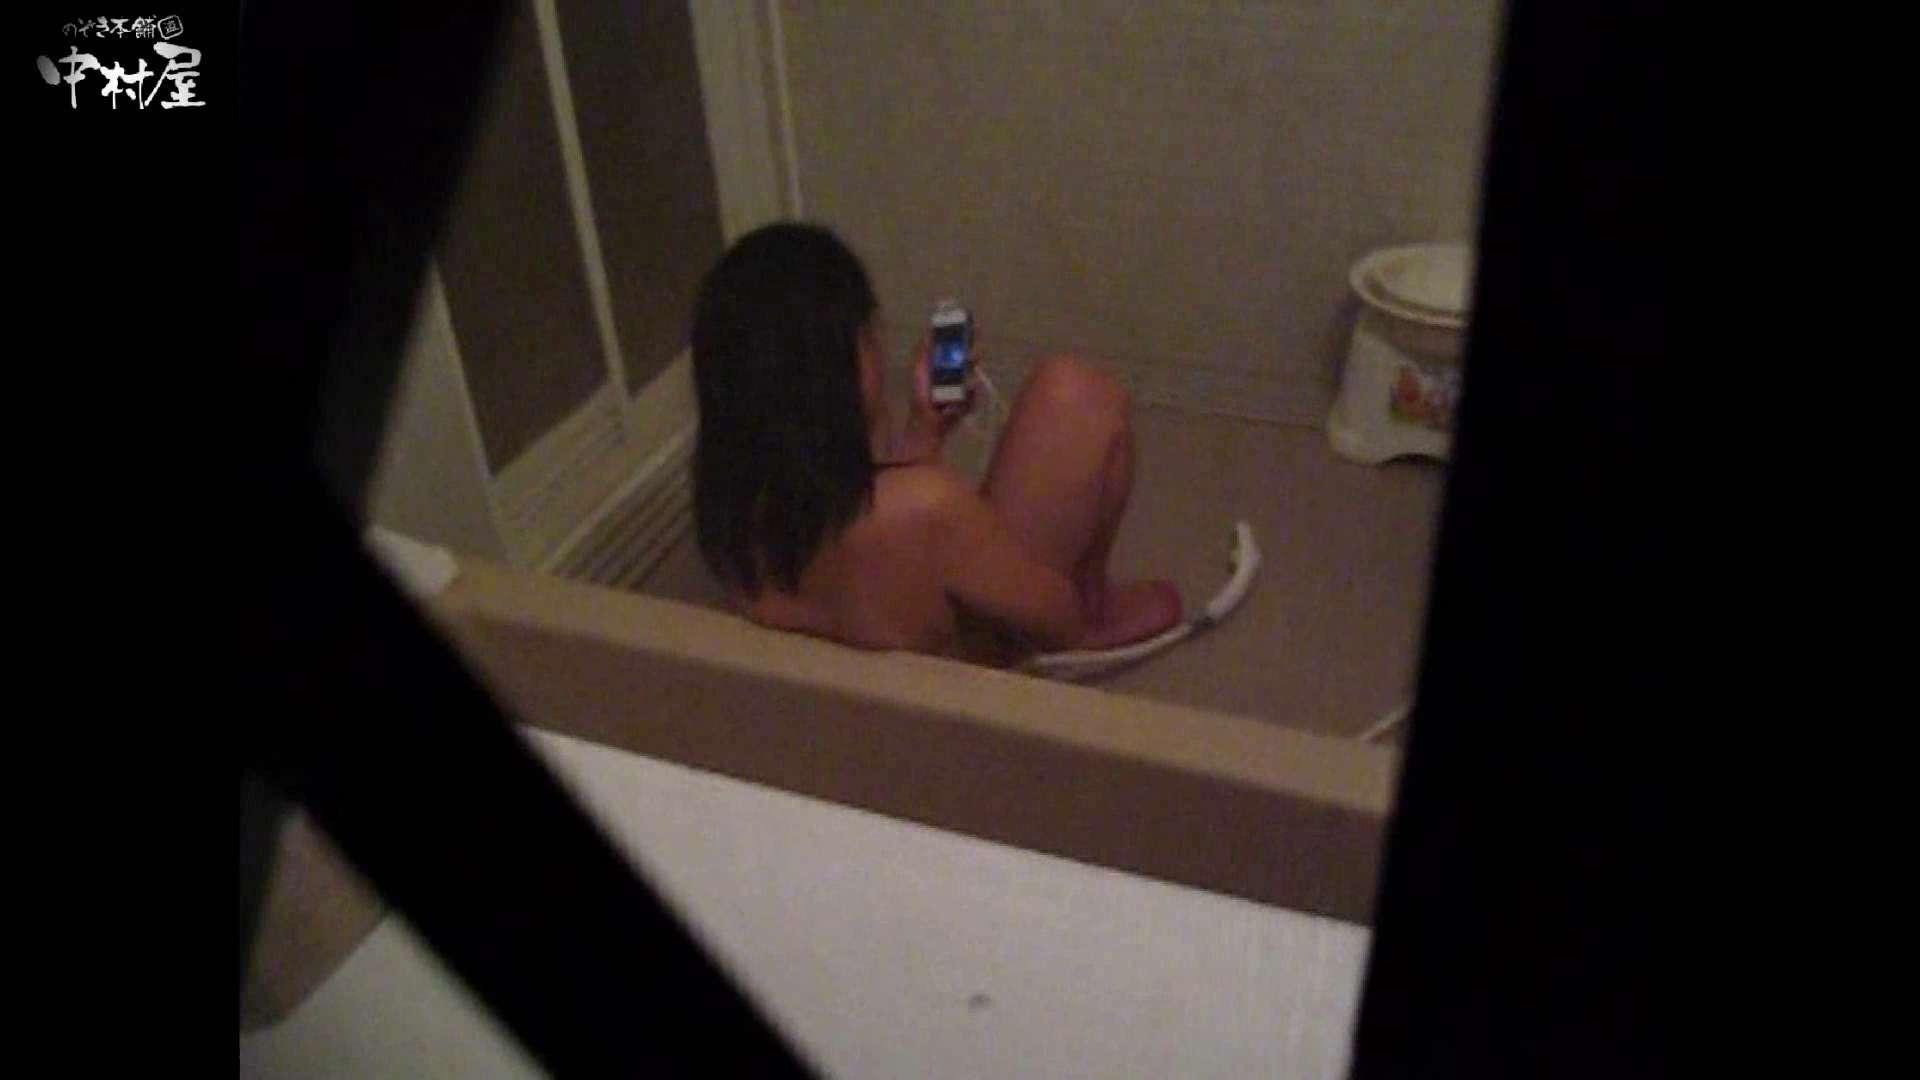 民家風呂専門盗撮師の超危険映像 vol.018 美少女丸裸 セックス画像 85pic 23